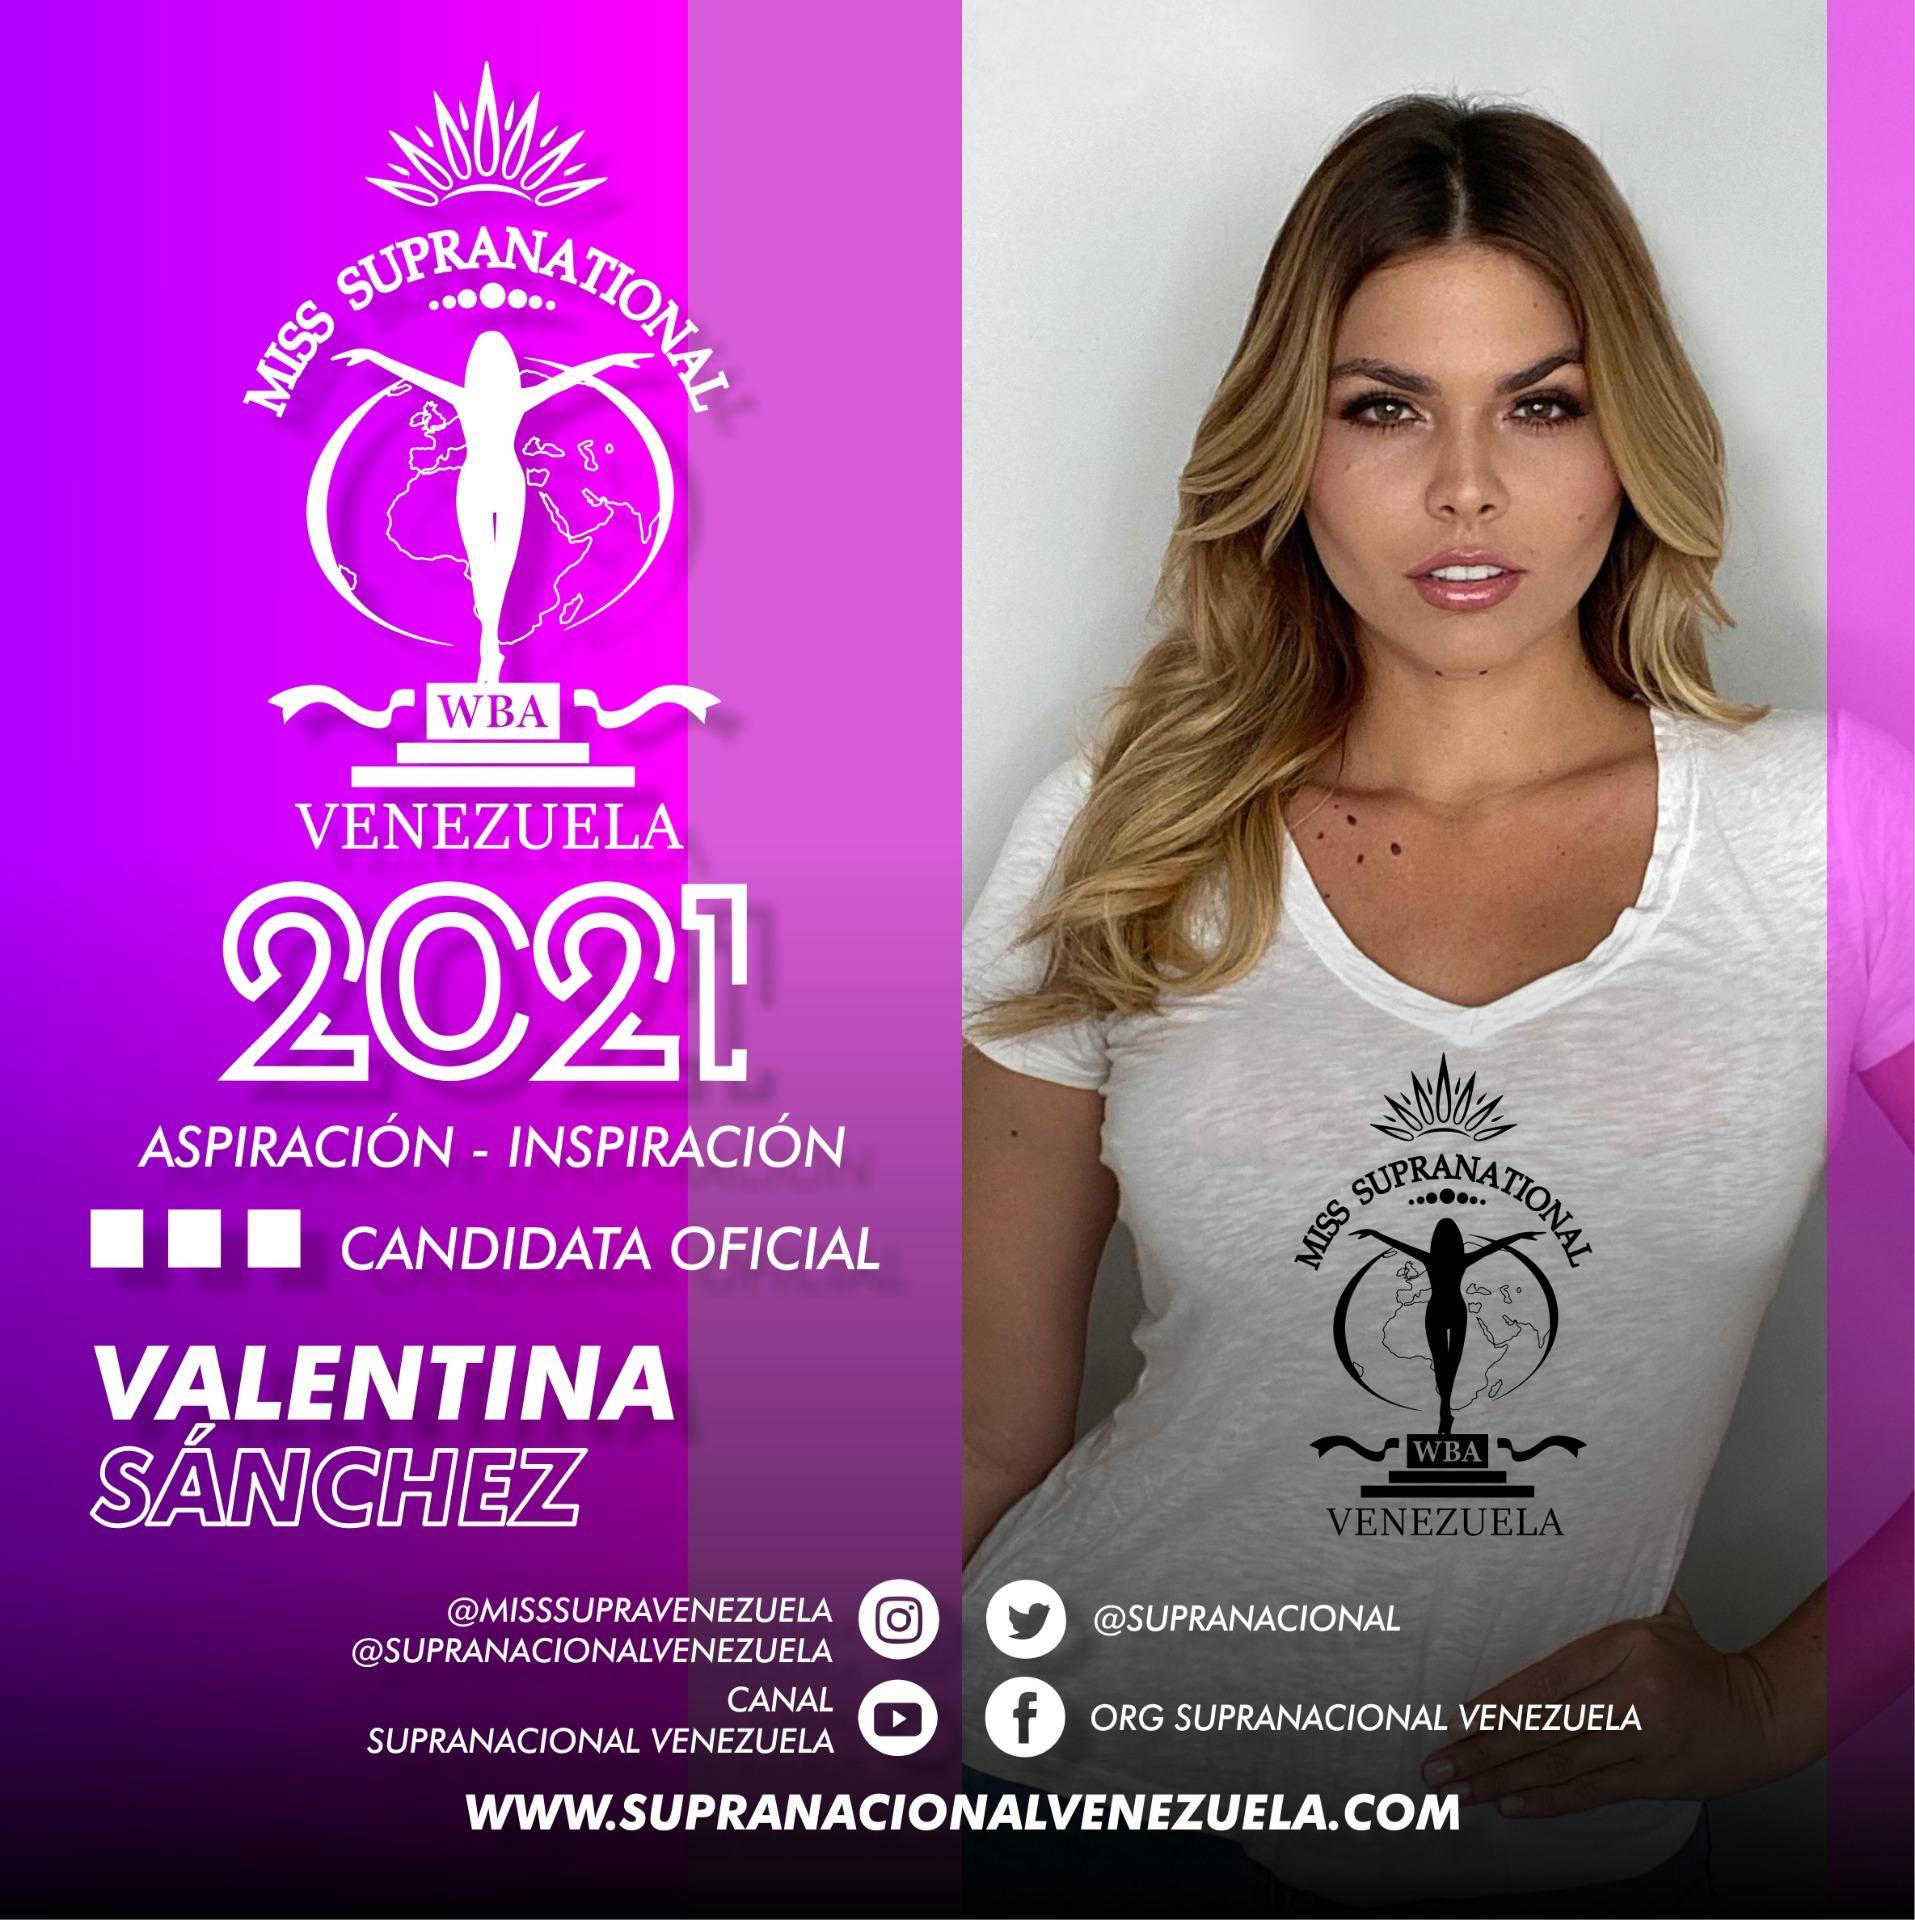 Valentina Sánchez